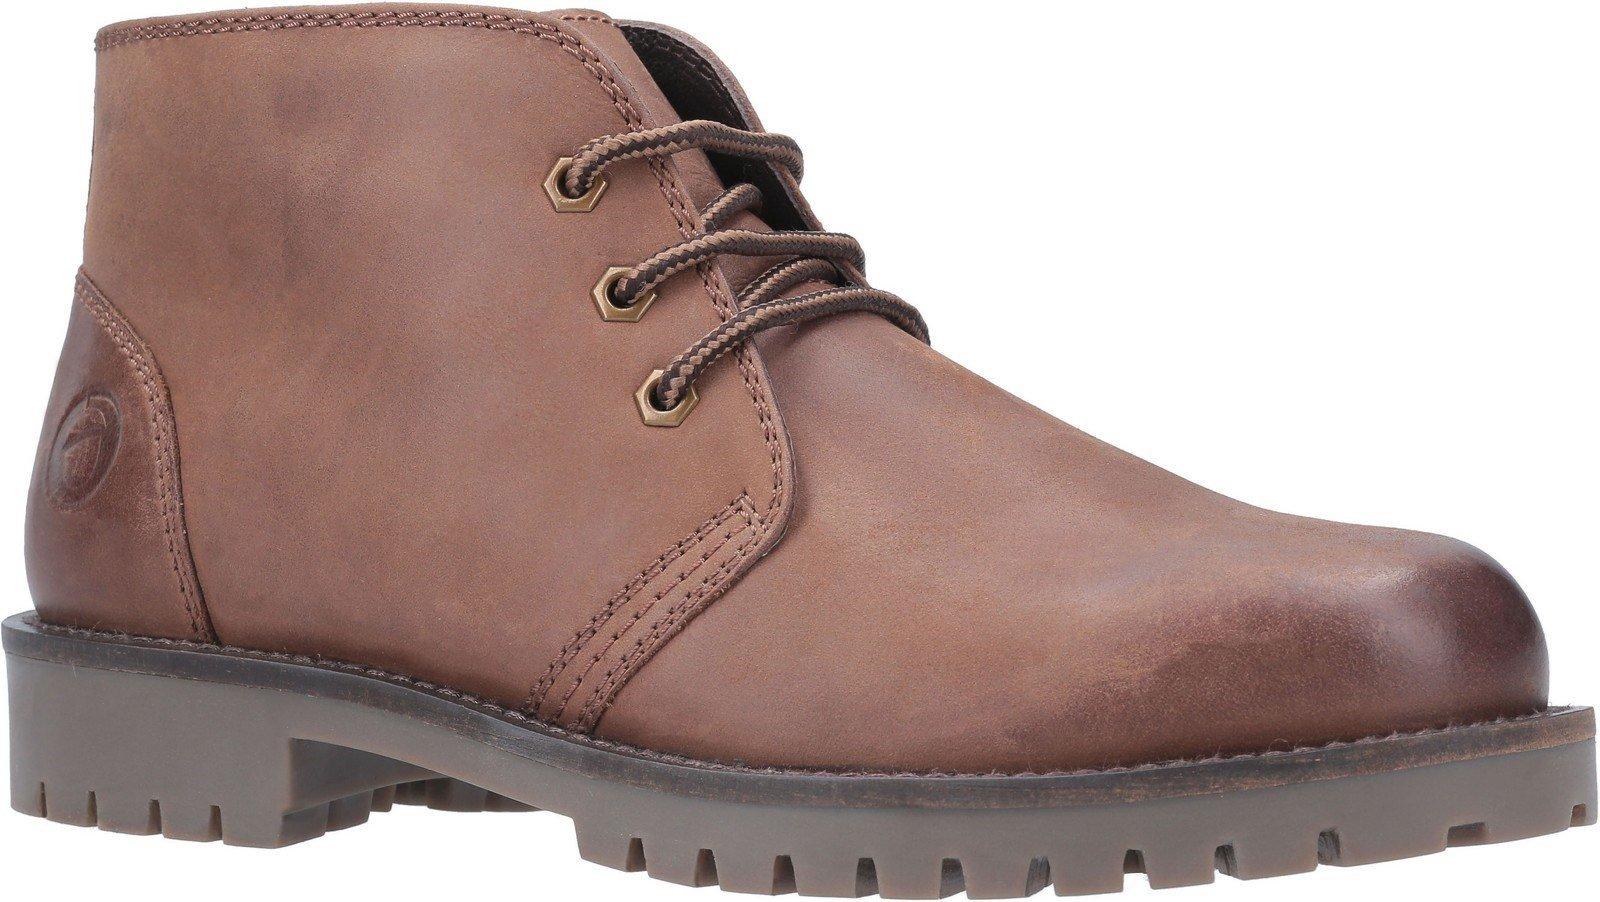 Cotswold Men's Stroud Lace Up Shoe Boot Various Colours 29264 - Tan 6